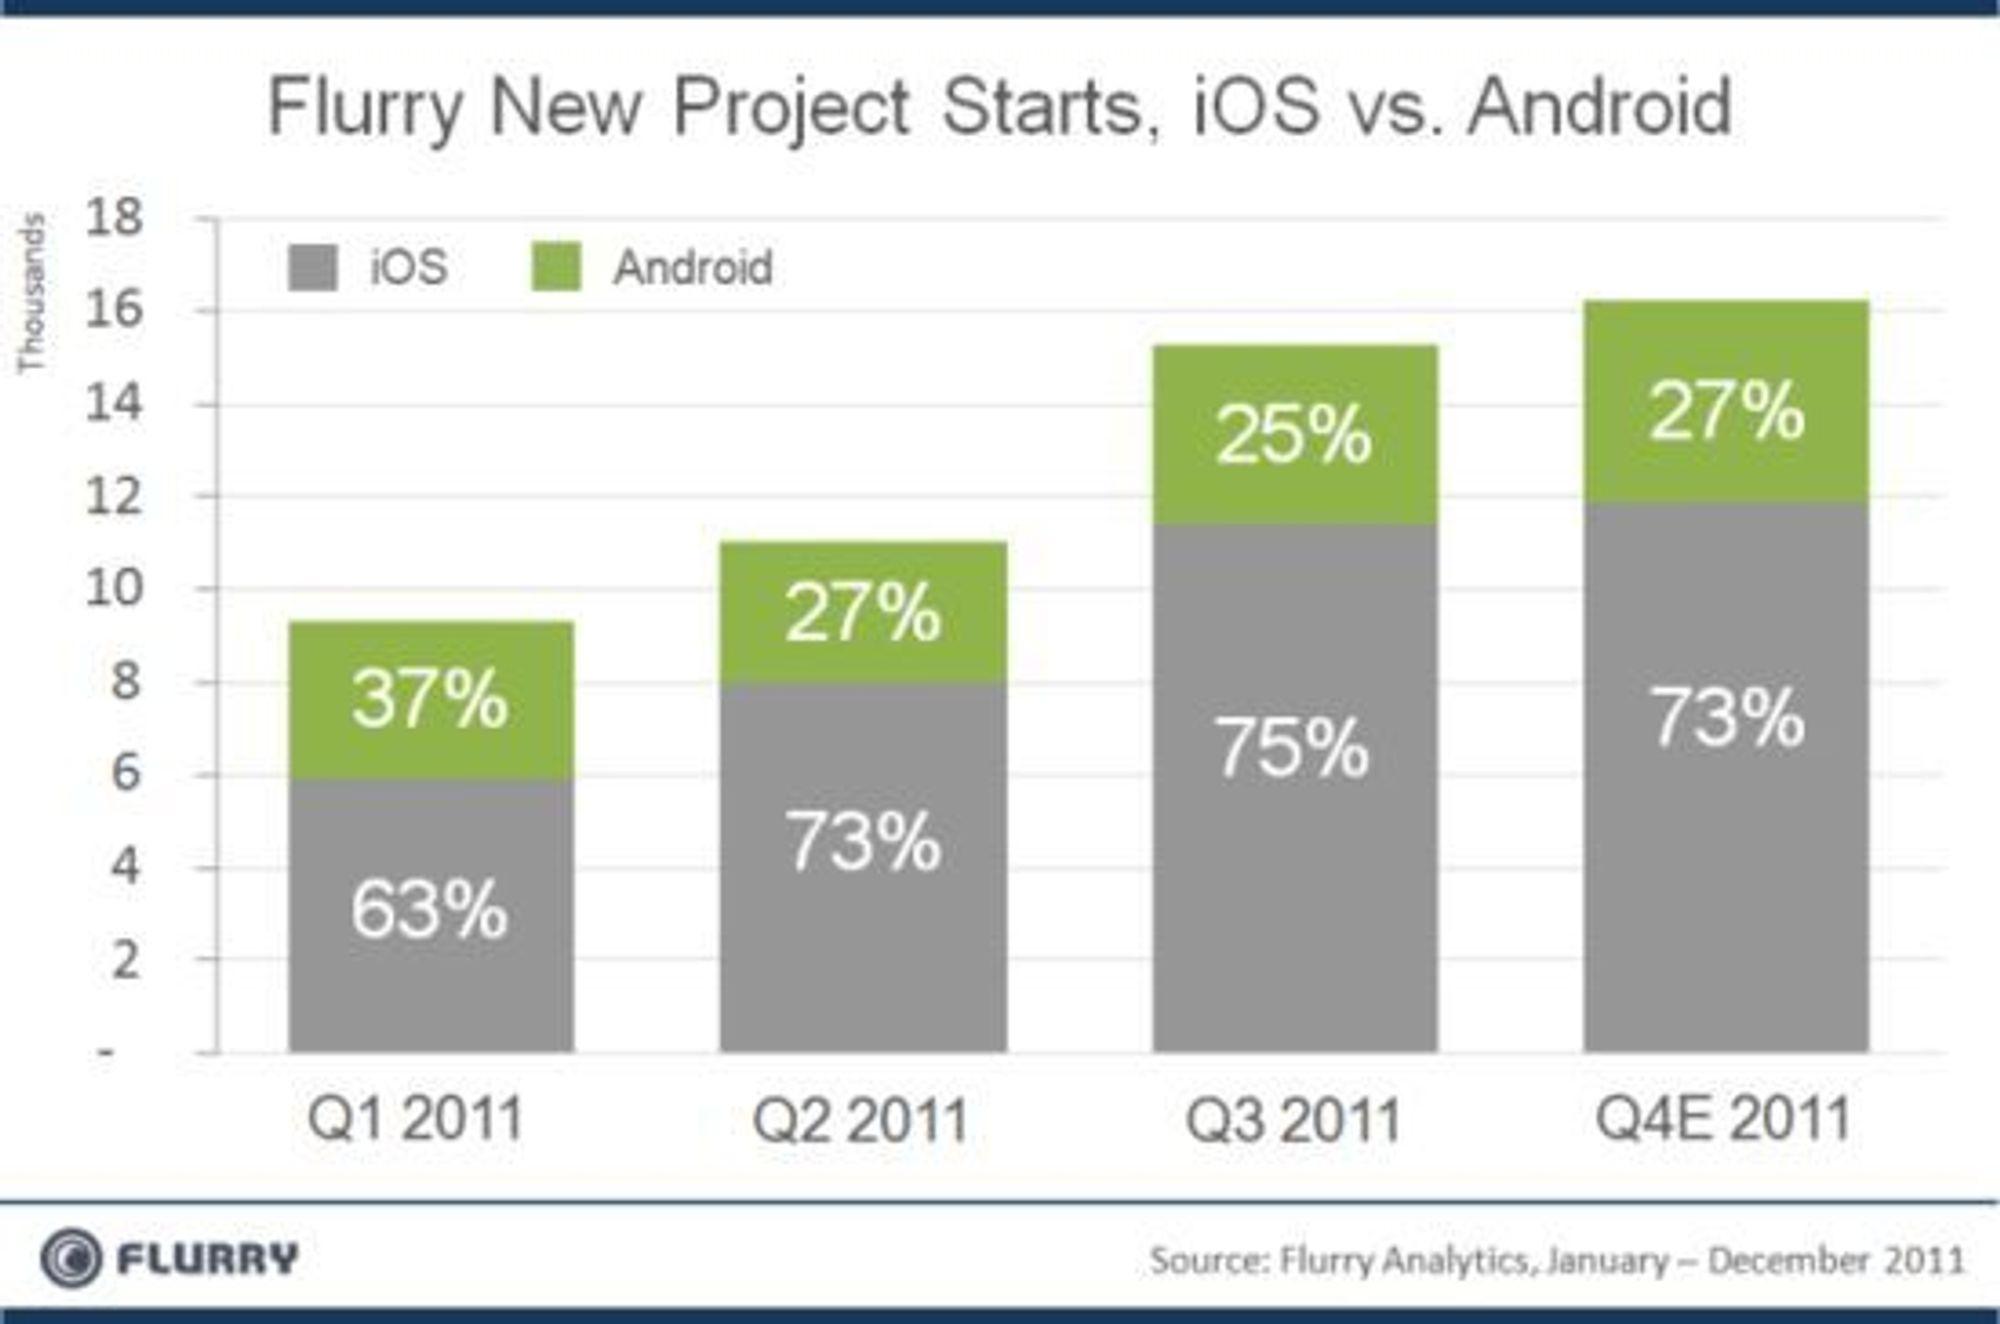 Antall utviklingsprosjekter for mobile applikasjoner, med Flurry-analyse av sluttbrukeratferd, med andeler for hhv iOS og Android.